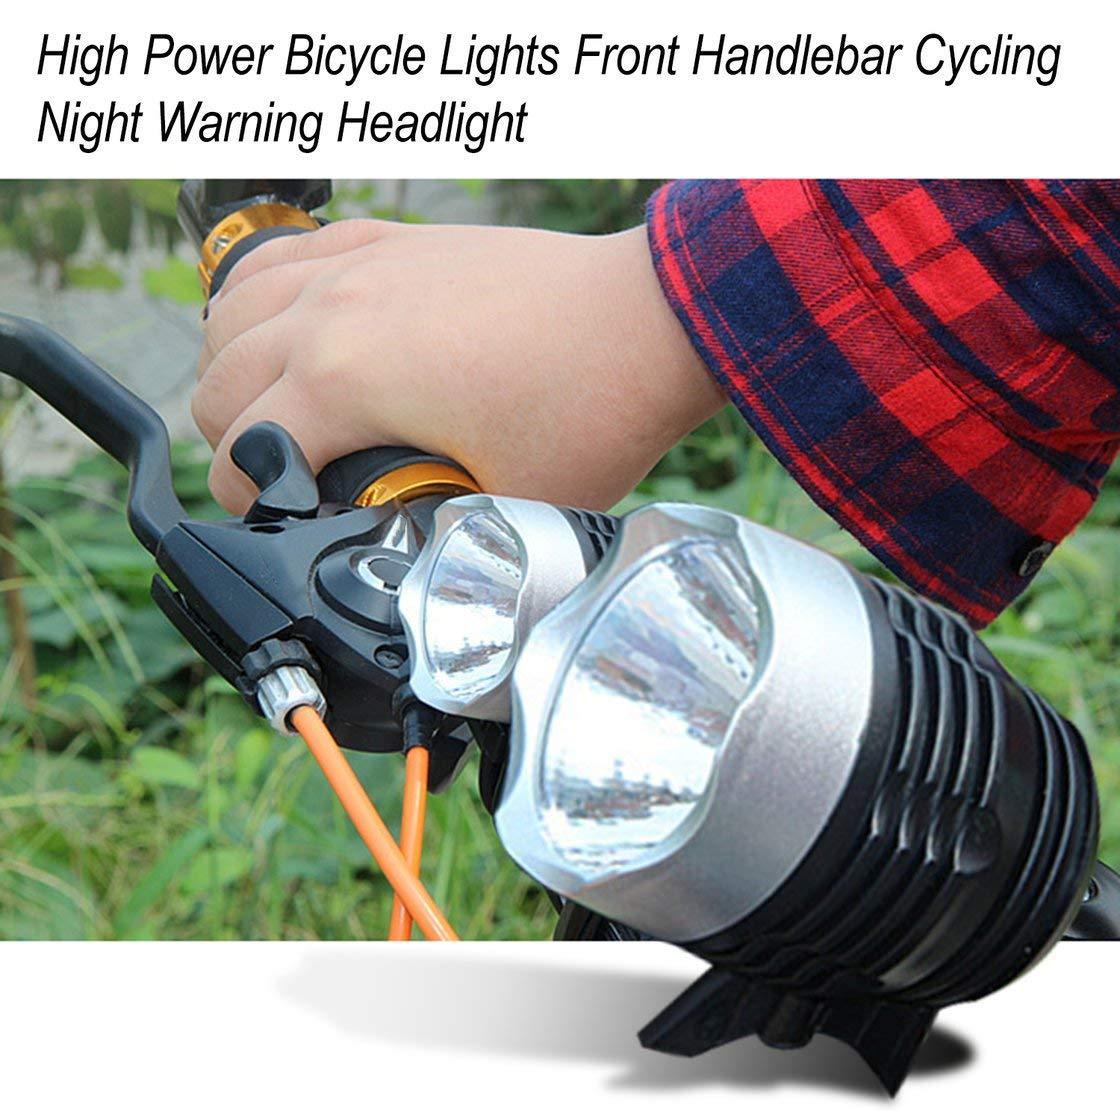 Gwendoll Bicicleta de Alta Potencia Luces de Bicicleta Manillar Delantero Ciclismo Advertencia de Noche Faro de Seguridad Linterna Accesorios de Bicicleta